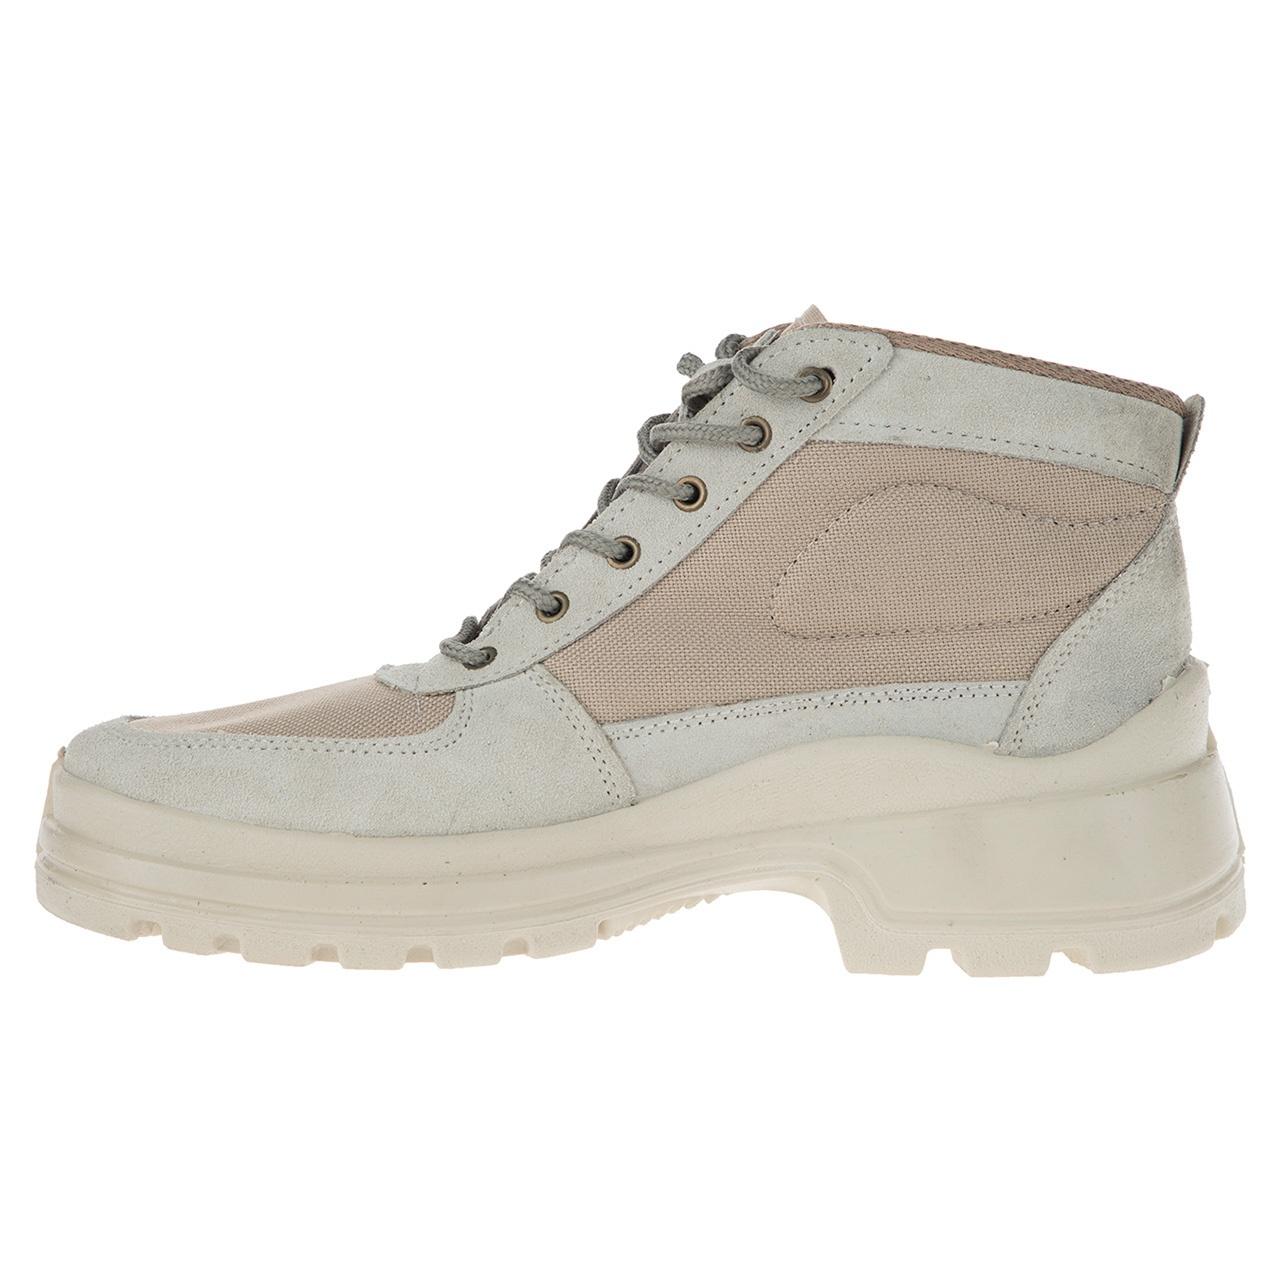 نیم بوت مردانه کفش شیما مدل دماوند کدخاکی